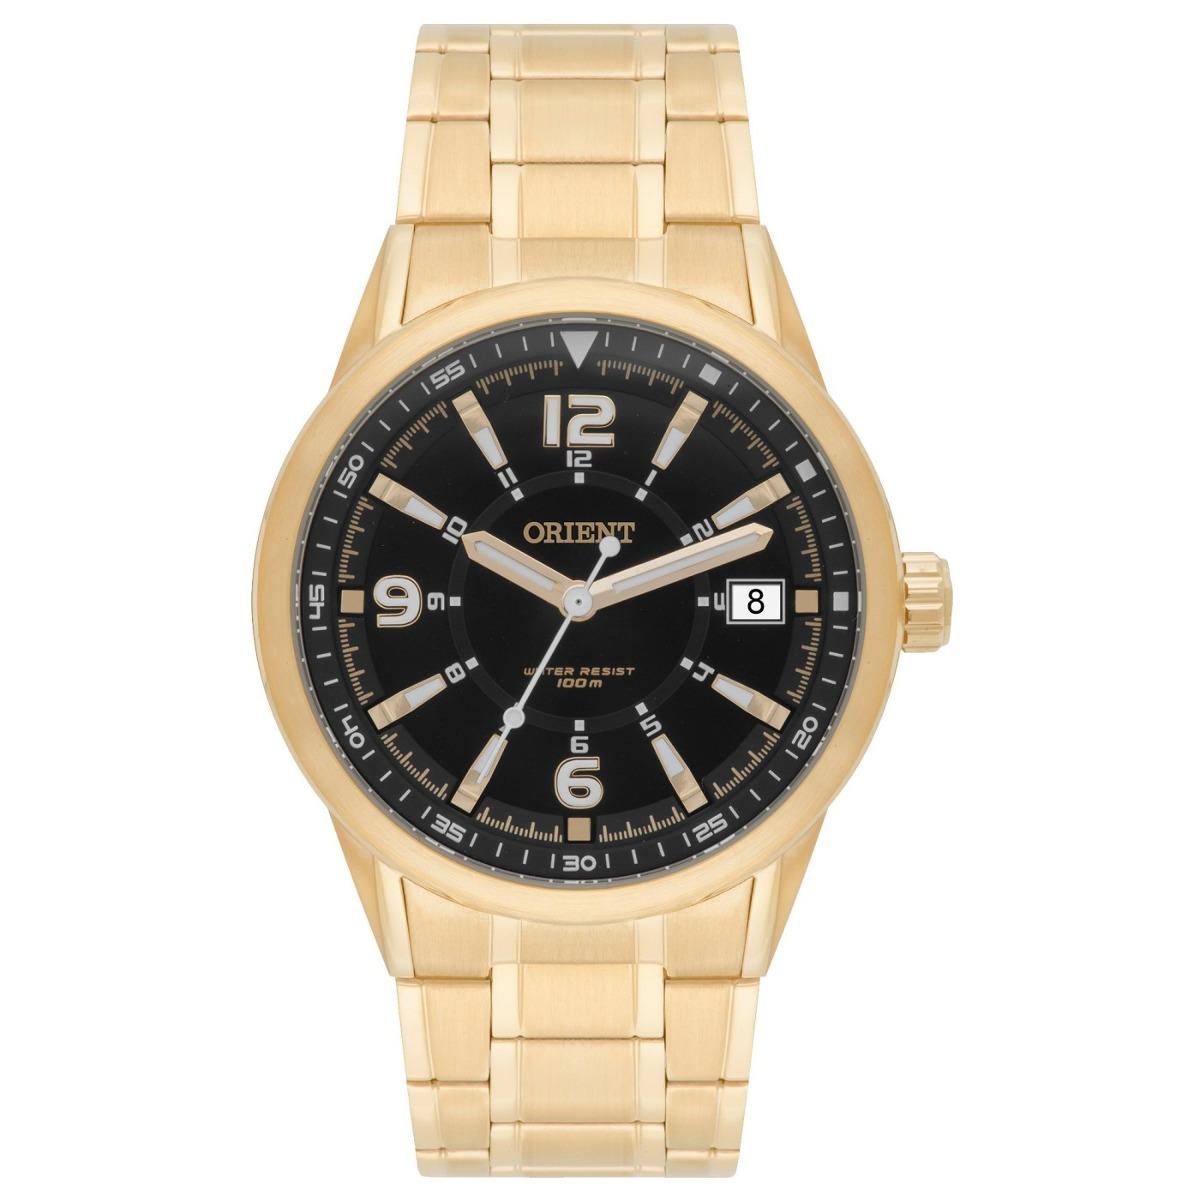 9979432a4ed relógio orient masculino dourado fundo preto mgss1107 p2kx. Carregando zoom.